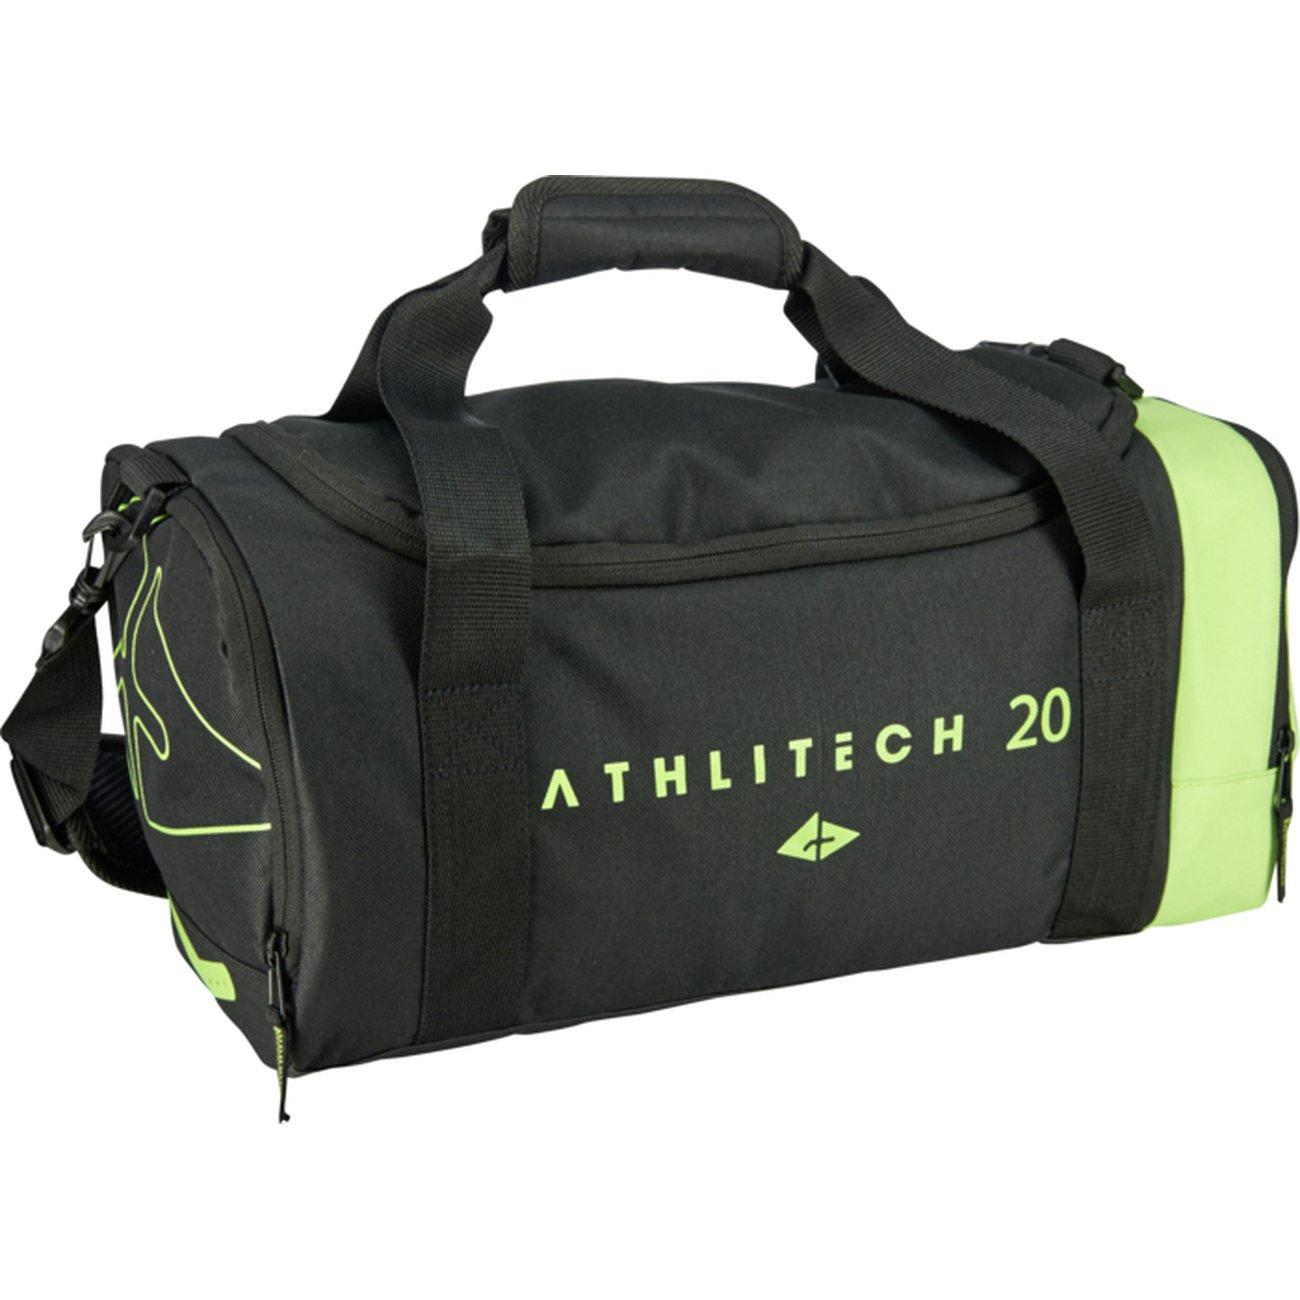 Sac de sport Athlitech I-ZY Flex Bag 20 - Taille parfaite pour Ryanair et ac432dd5155